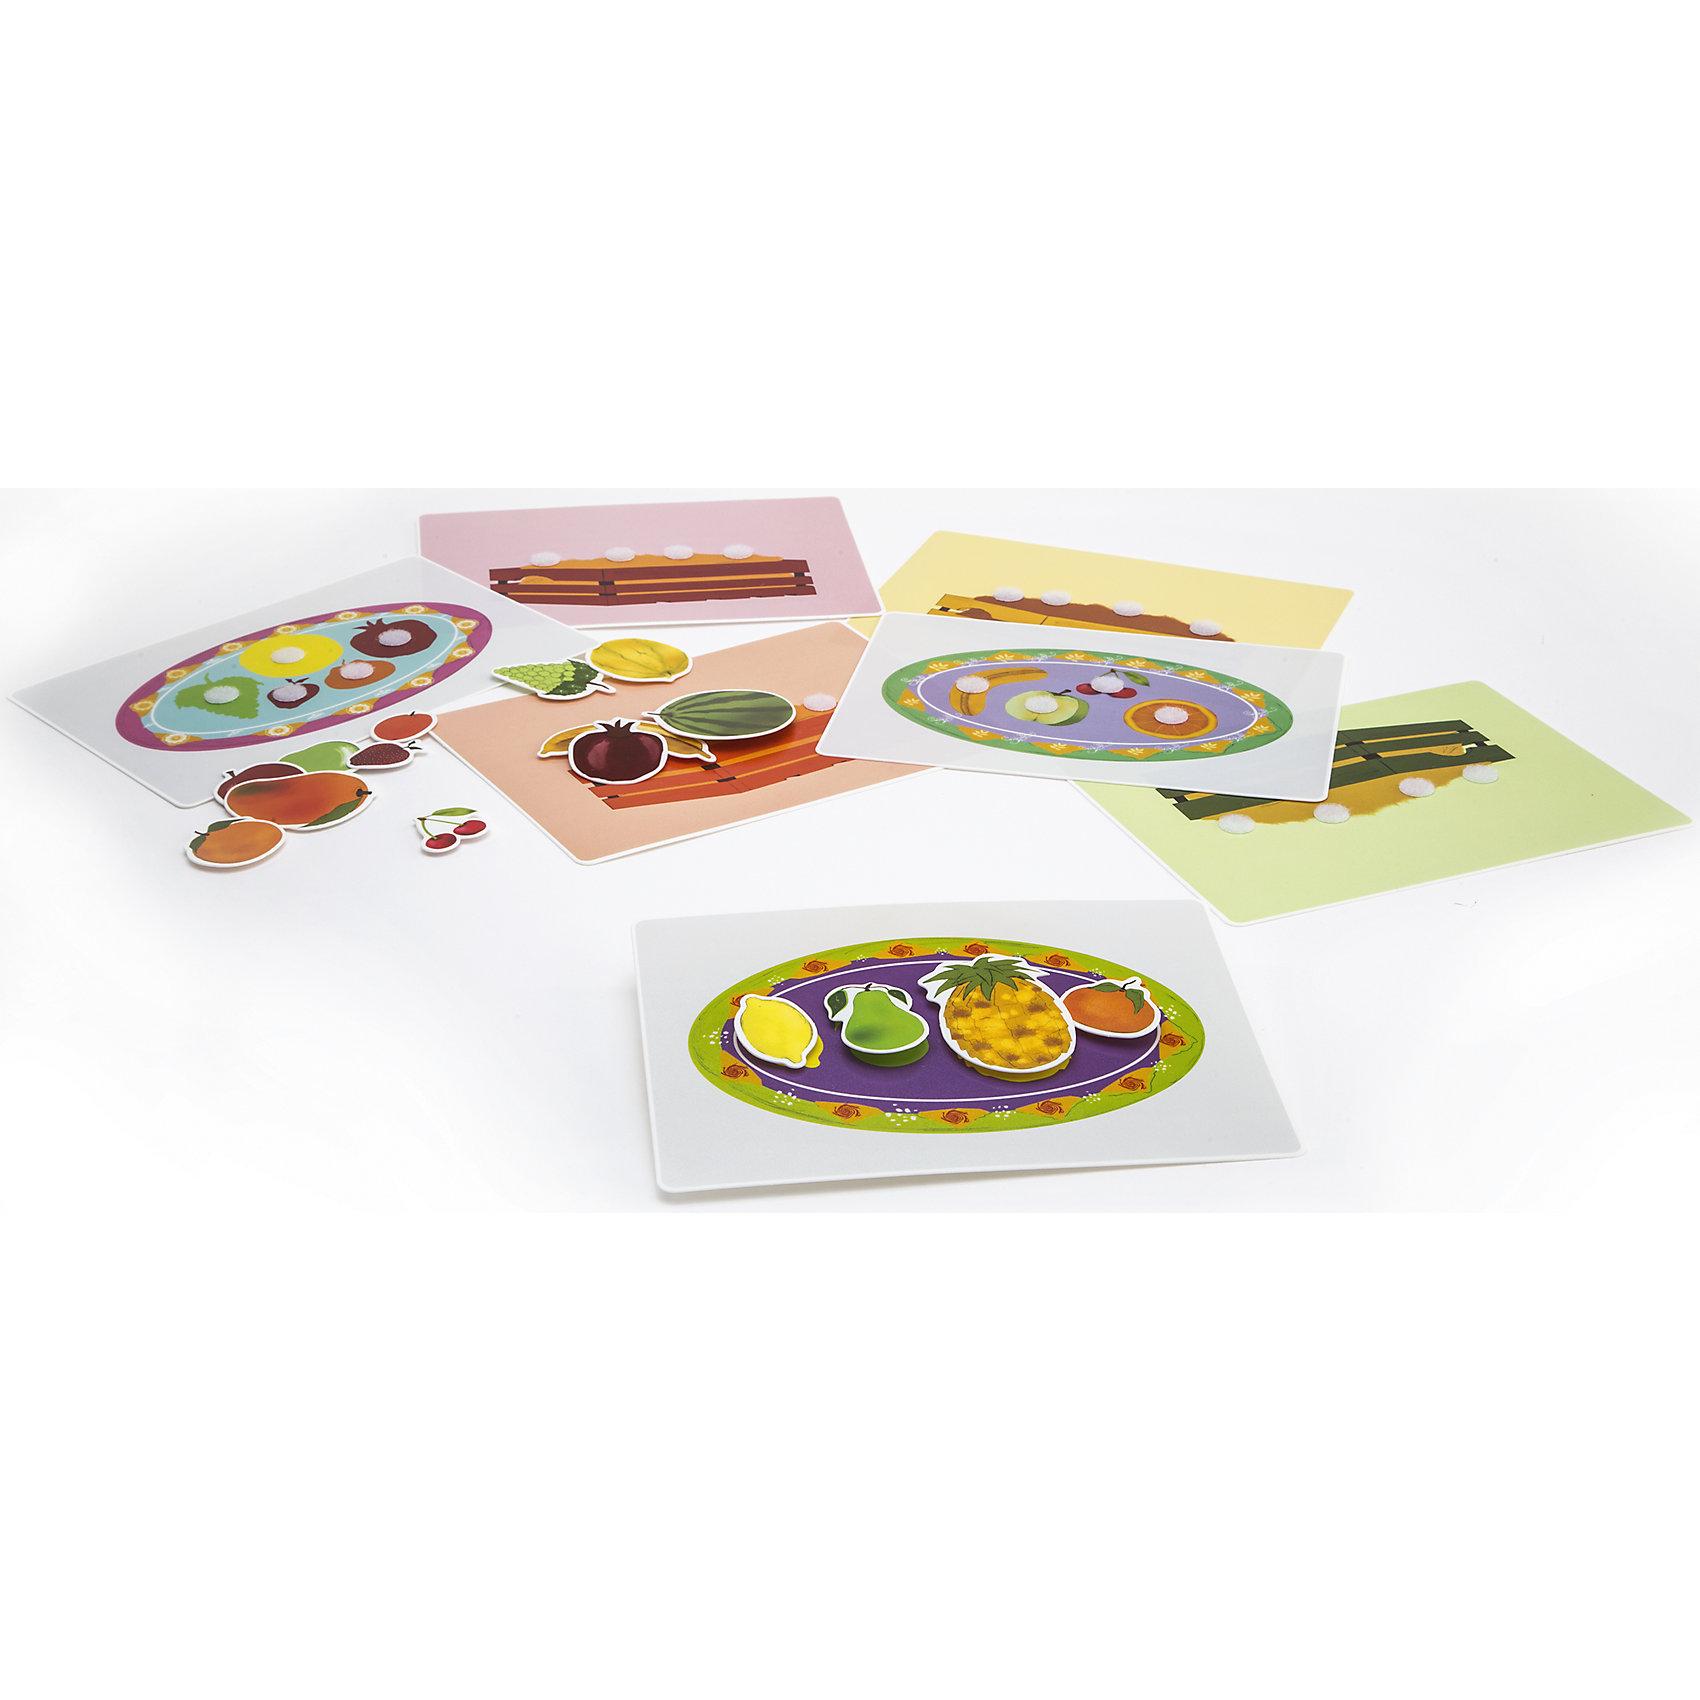 Игра Веселые фрукты, PicnMixЕсли Вы хотите занять малыша чем-то увлекательным и в то же время полезным, то игра Веселые фрукты, от Pic`n Mix - то, что Вы искали! В забавной игровой форме кроха легко выучит названия фруктов, их цвета и отличительные свойства. Игра выполнена из безопасных материалов и прекрасно подходит для малышей. Малыш будет с удовольствием заполнять семь ярких игровых полей, приклеивая на них фрукты. Пазл-липучка Веселые фрукты будет способствовать развитию логического мышления, памяти, а также мелкой моторики рук.<br><br>Дополнительная информация:<br><br>- Развивает логику, память, мелкую моторику;<br>- 7 игровых полей;<br>- Яркие цвета;<br>- Размер упаковки: 25 х 16 х 5,2 см;<br>- Вес: 300 г<br><br>Игру Веселые фрукты, Pic`n Mix можно купить в нашем интернет-магазине.<br><br>Ширина мм: 250<br>Глубина мм: 160<br>Высота мм: 52<br>Вес г: 300<br>Возраст от месяцев: 36<br>Возраст до месяцев: 60<br>Пол: Унисекс<br>Возраст: Детский<br>SKU: 4089706